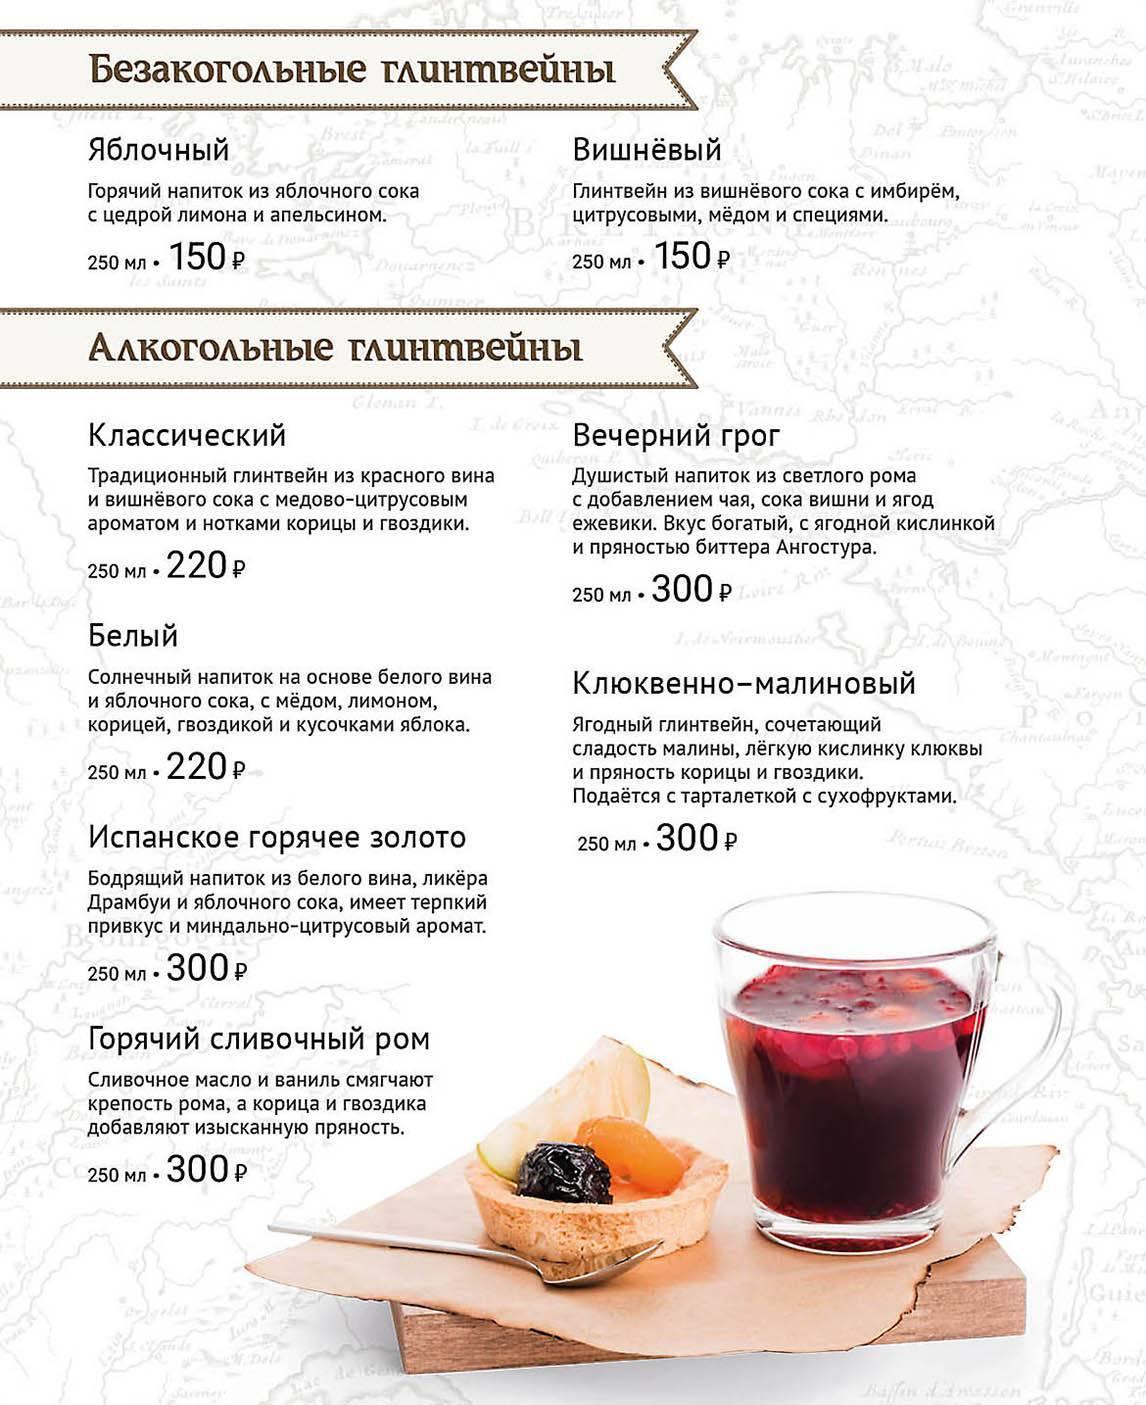 Как приготовить грог: приготовление напитка в домашних условиях по классическим и оригинальным рецептам